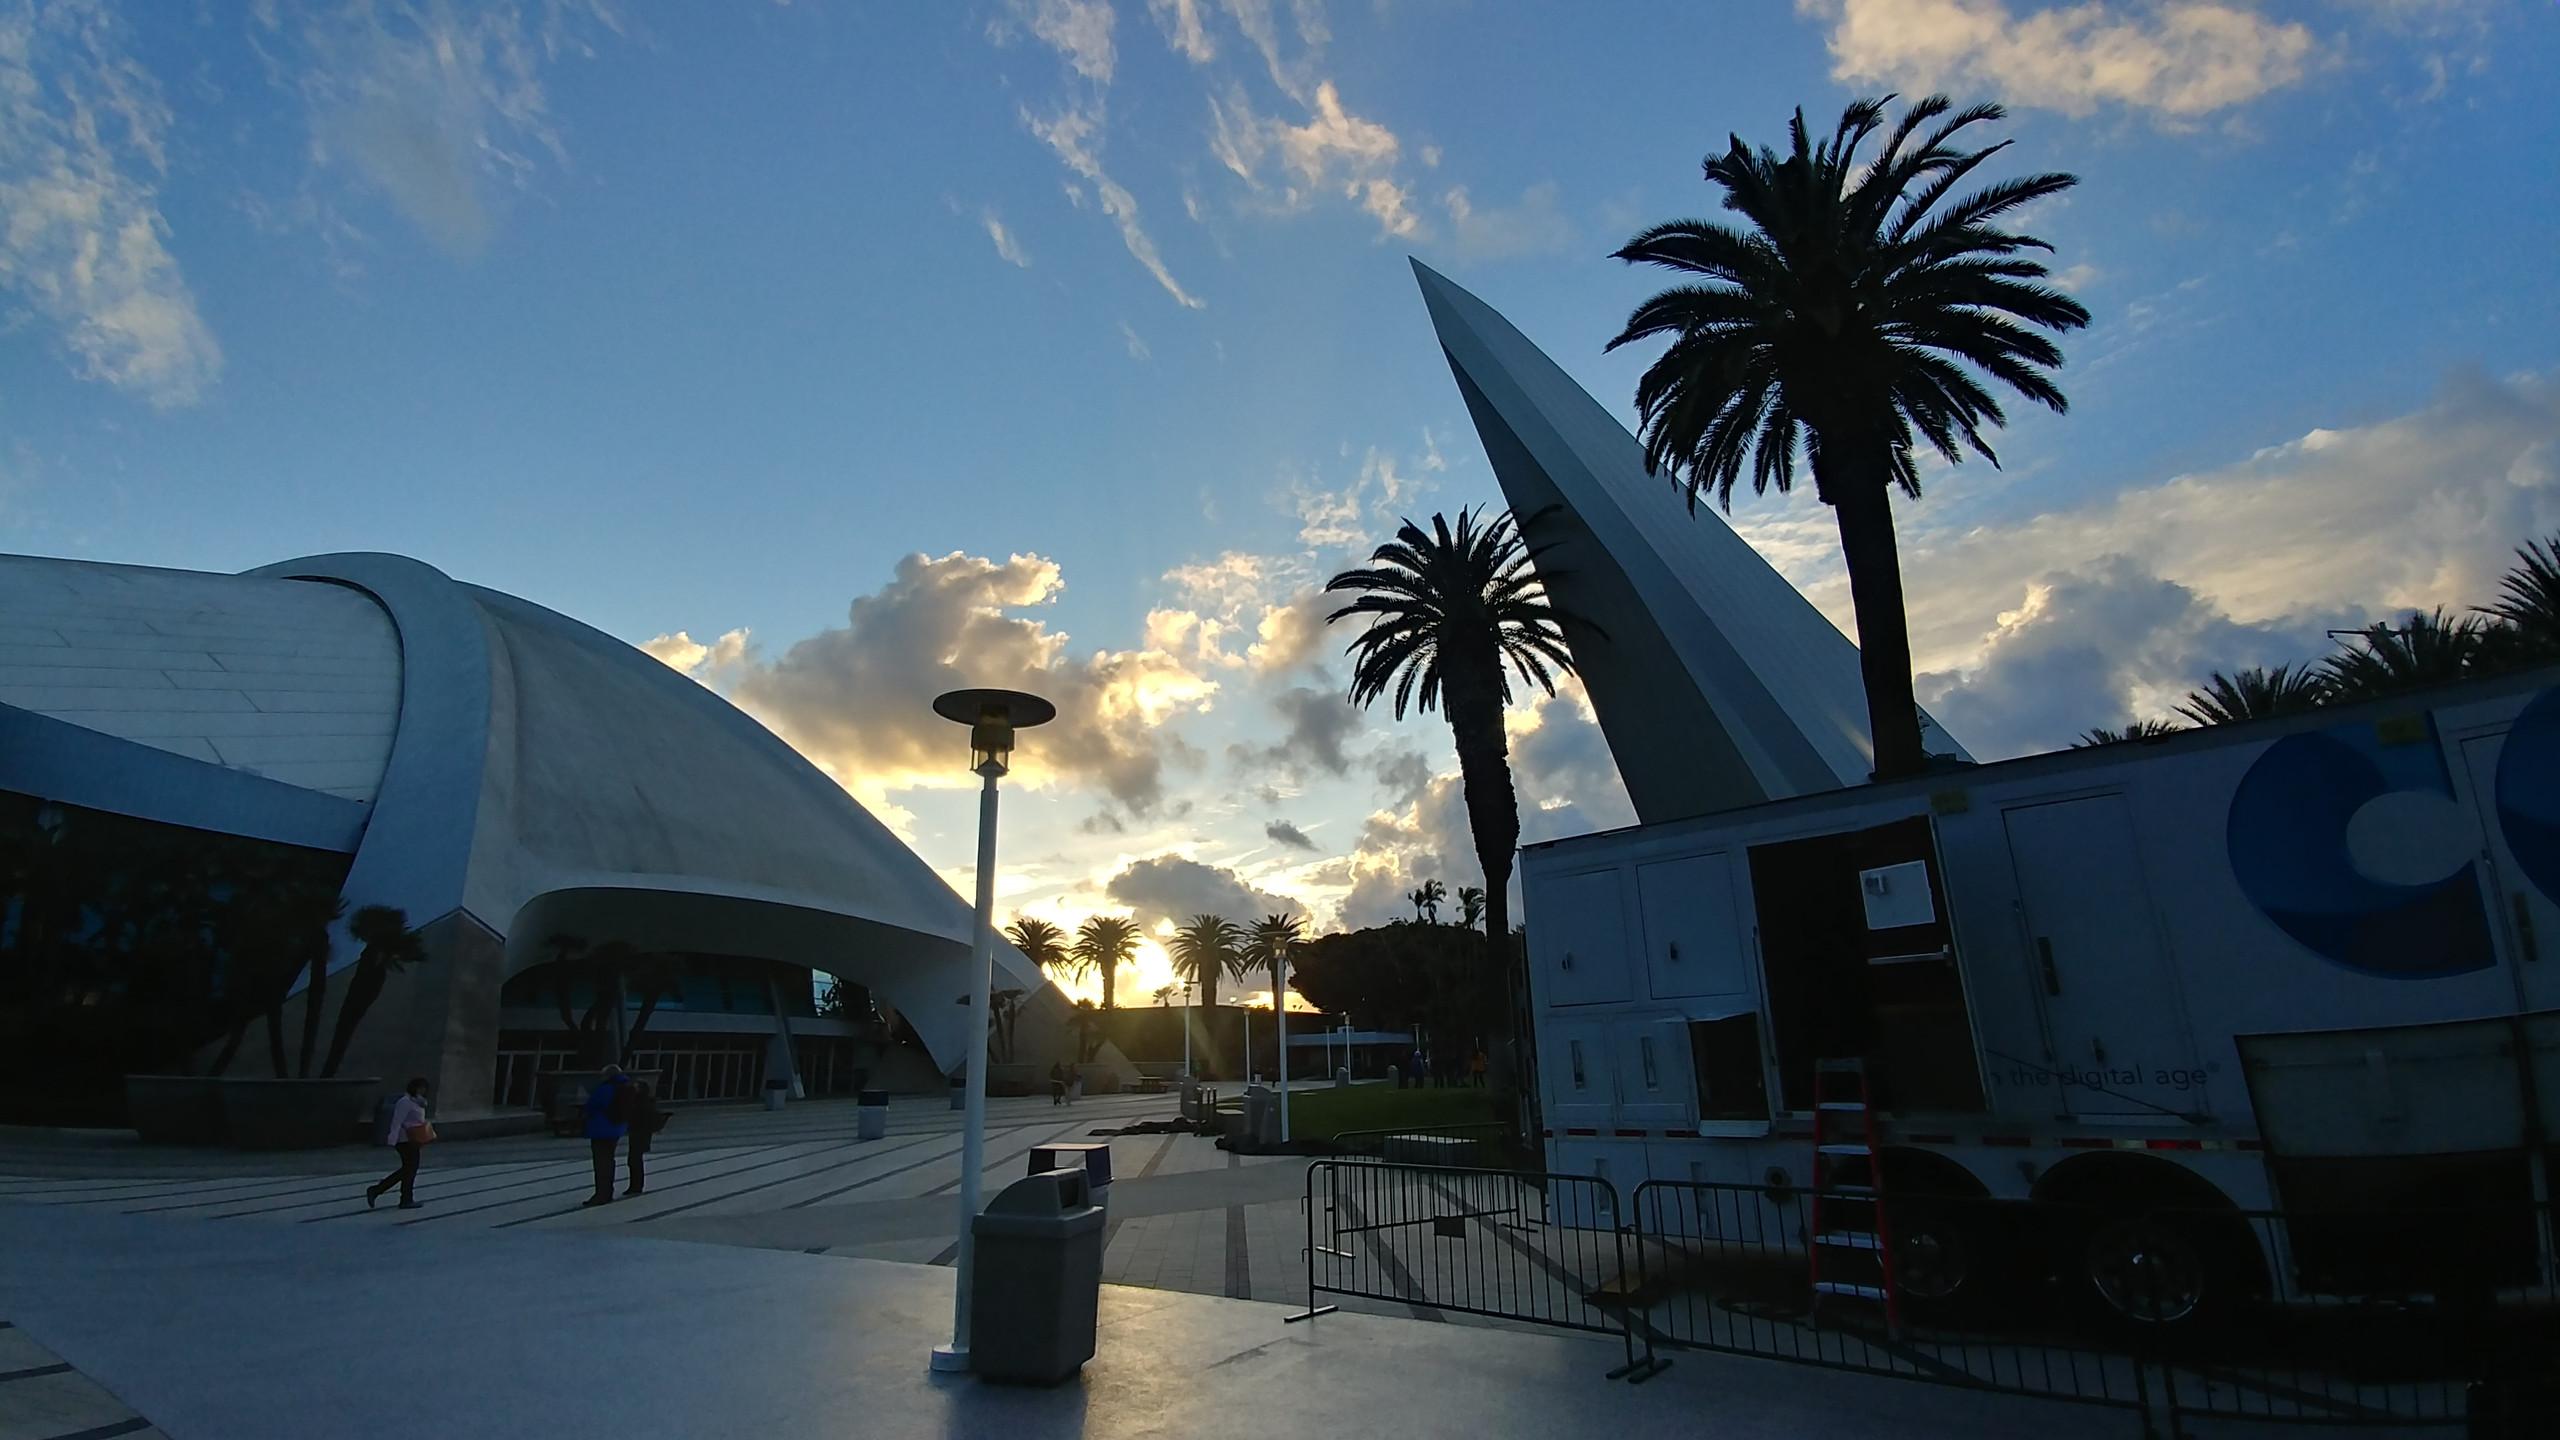 Sunset in Anaheim